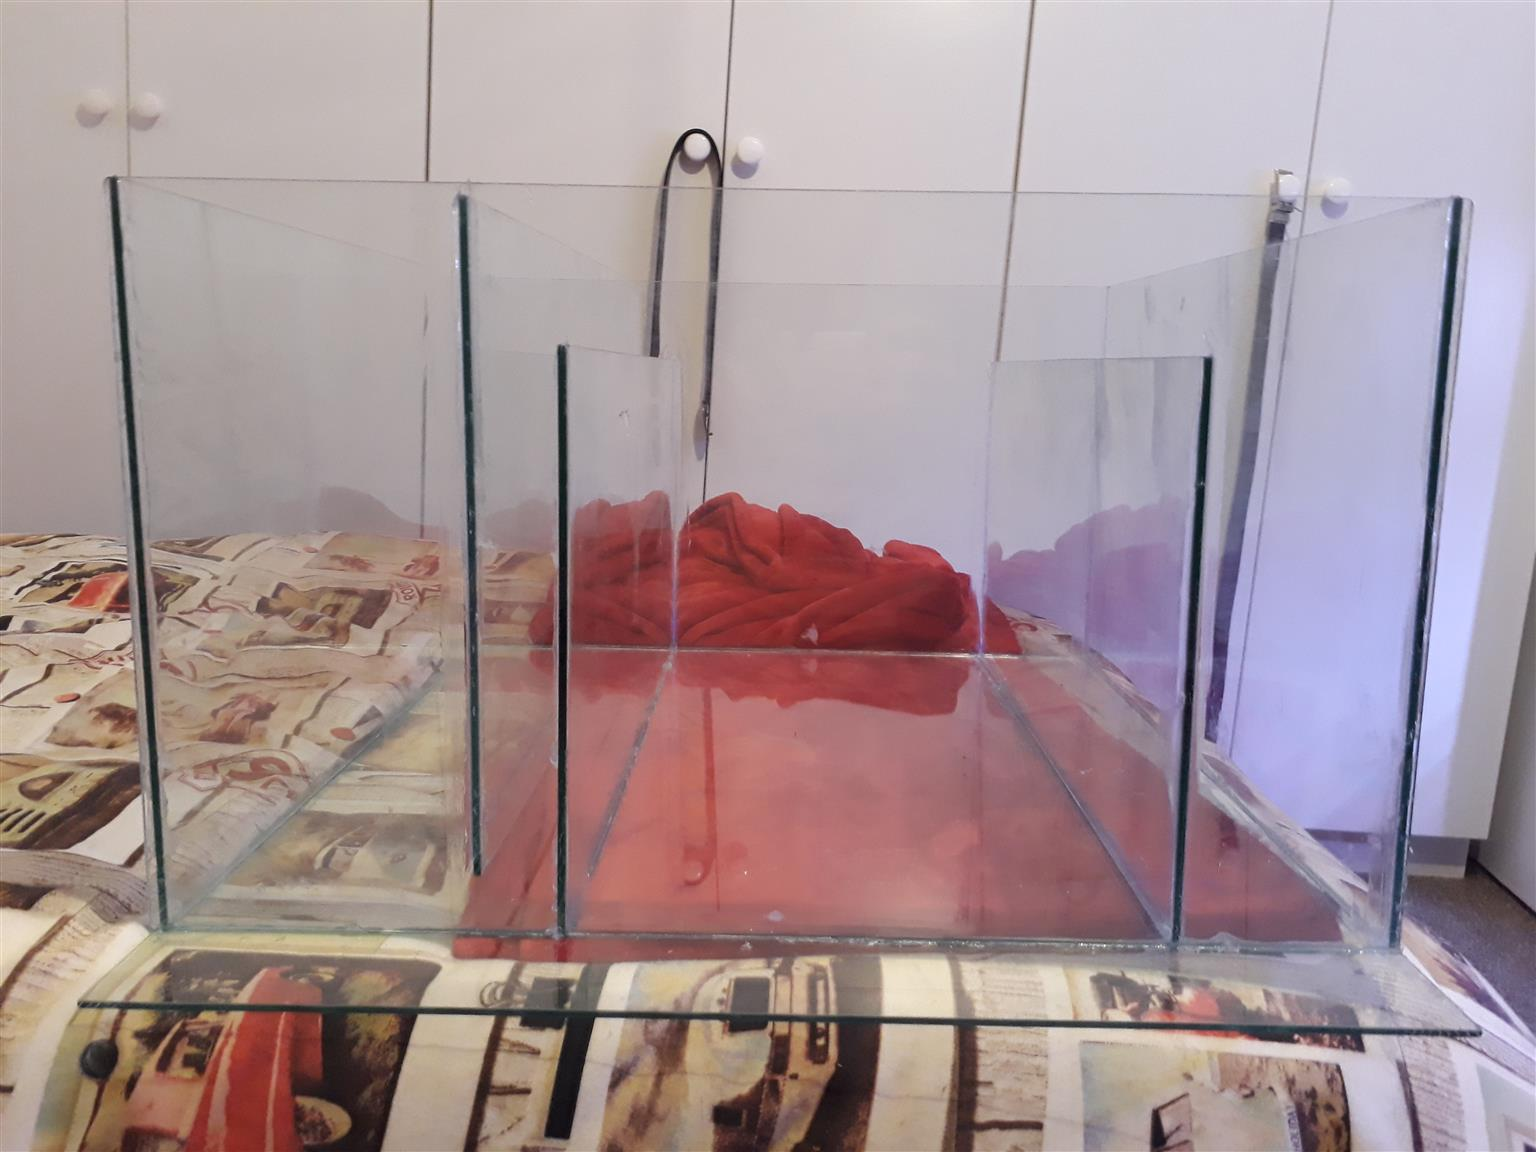 126 Liter Aquarium Sump